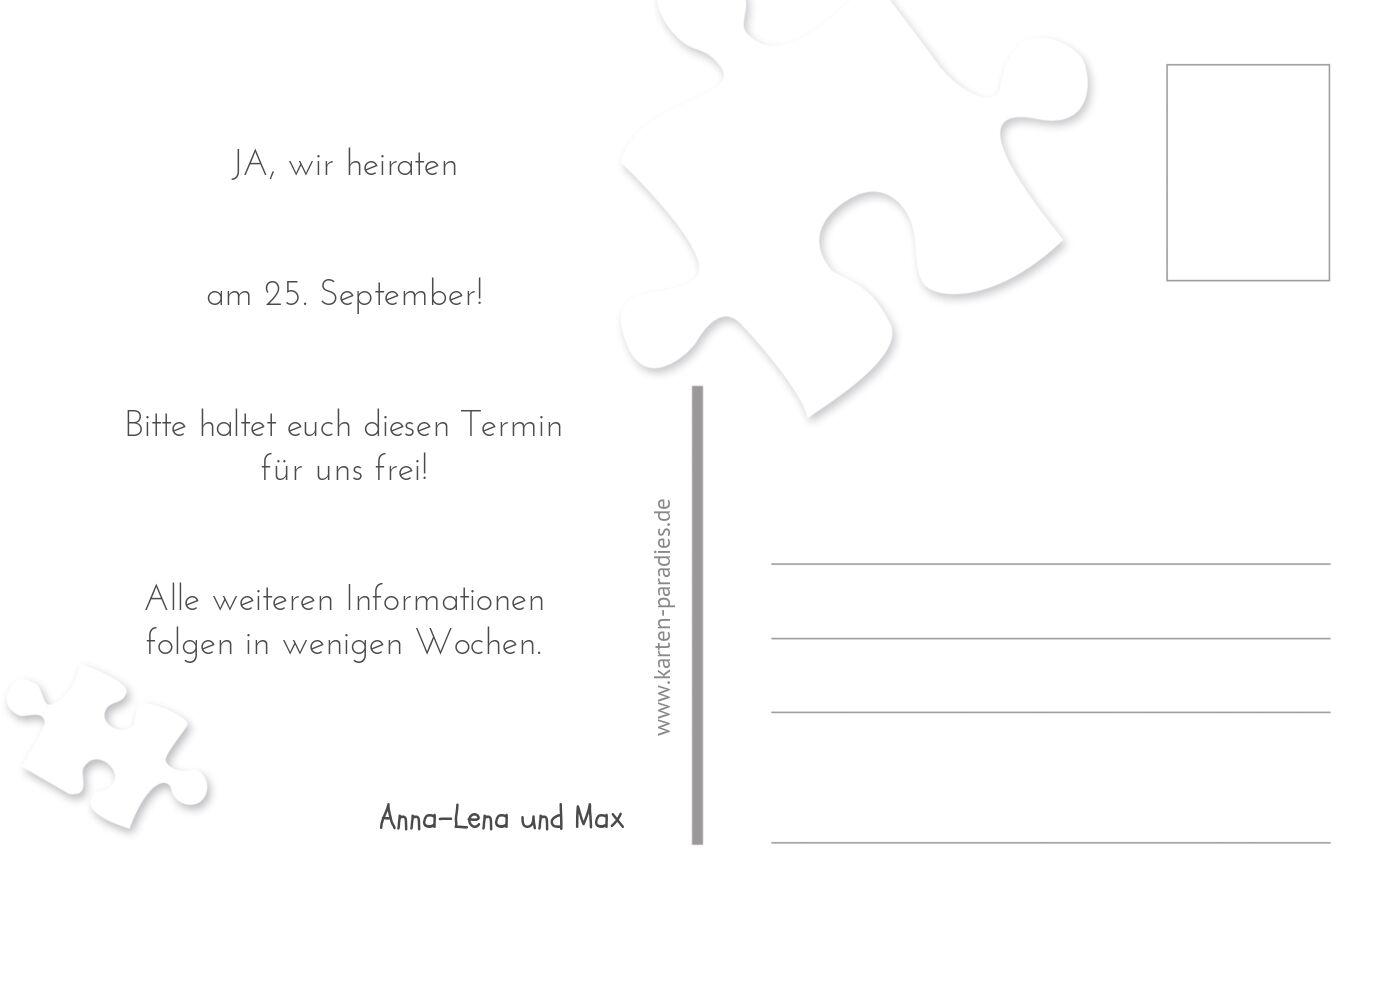 Ansicht 3 - Hochzeit Save-the-Date Puzzleteile